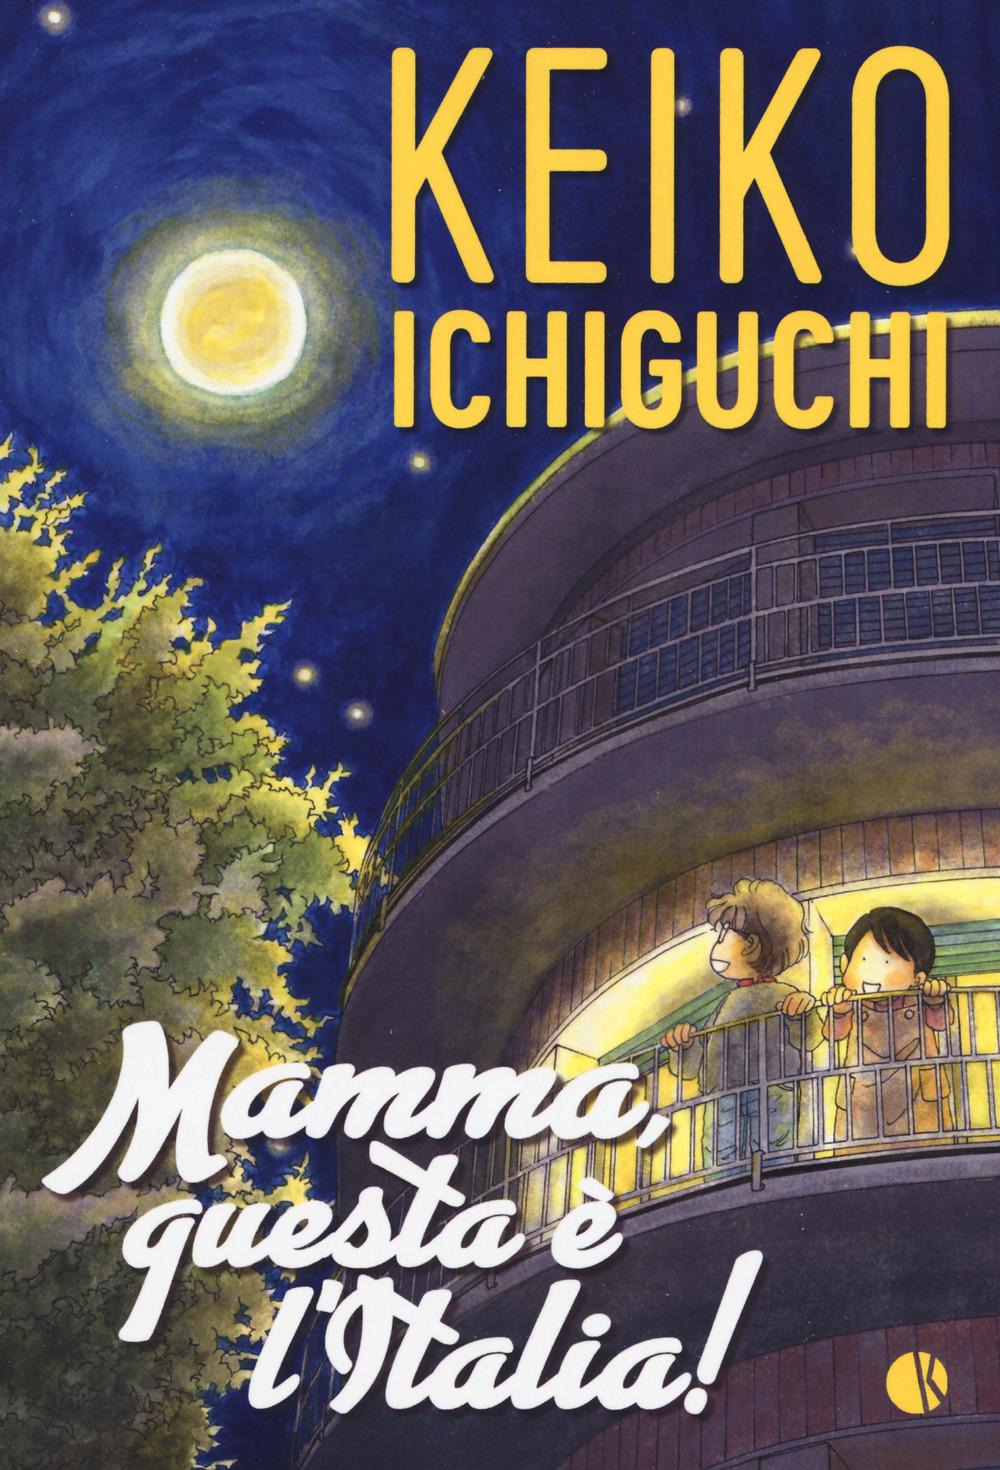 Mamma, questa è l'Italia! - Ichiguchi Keiko - 9788885457225